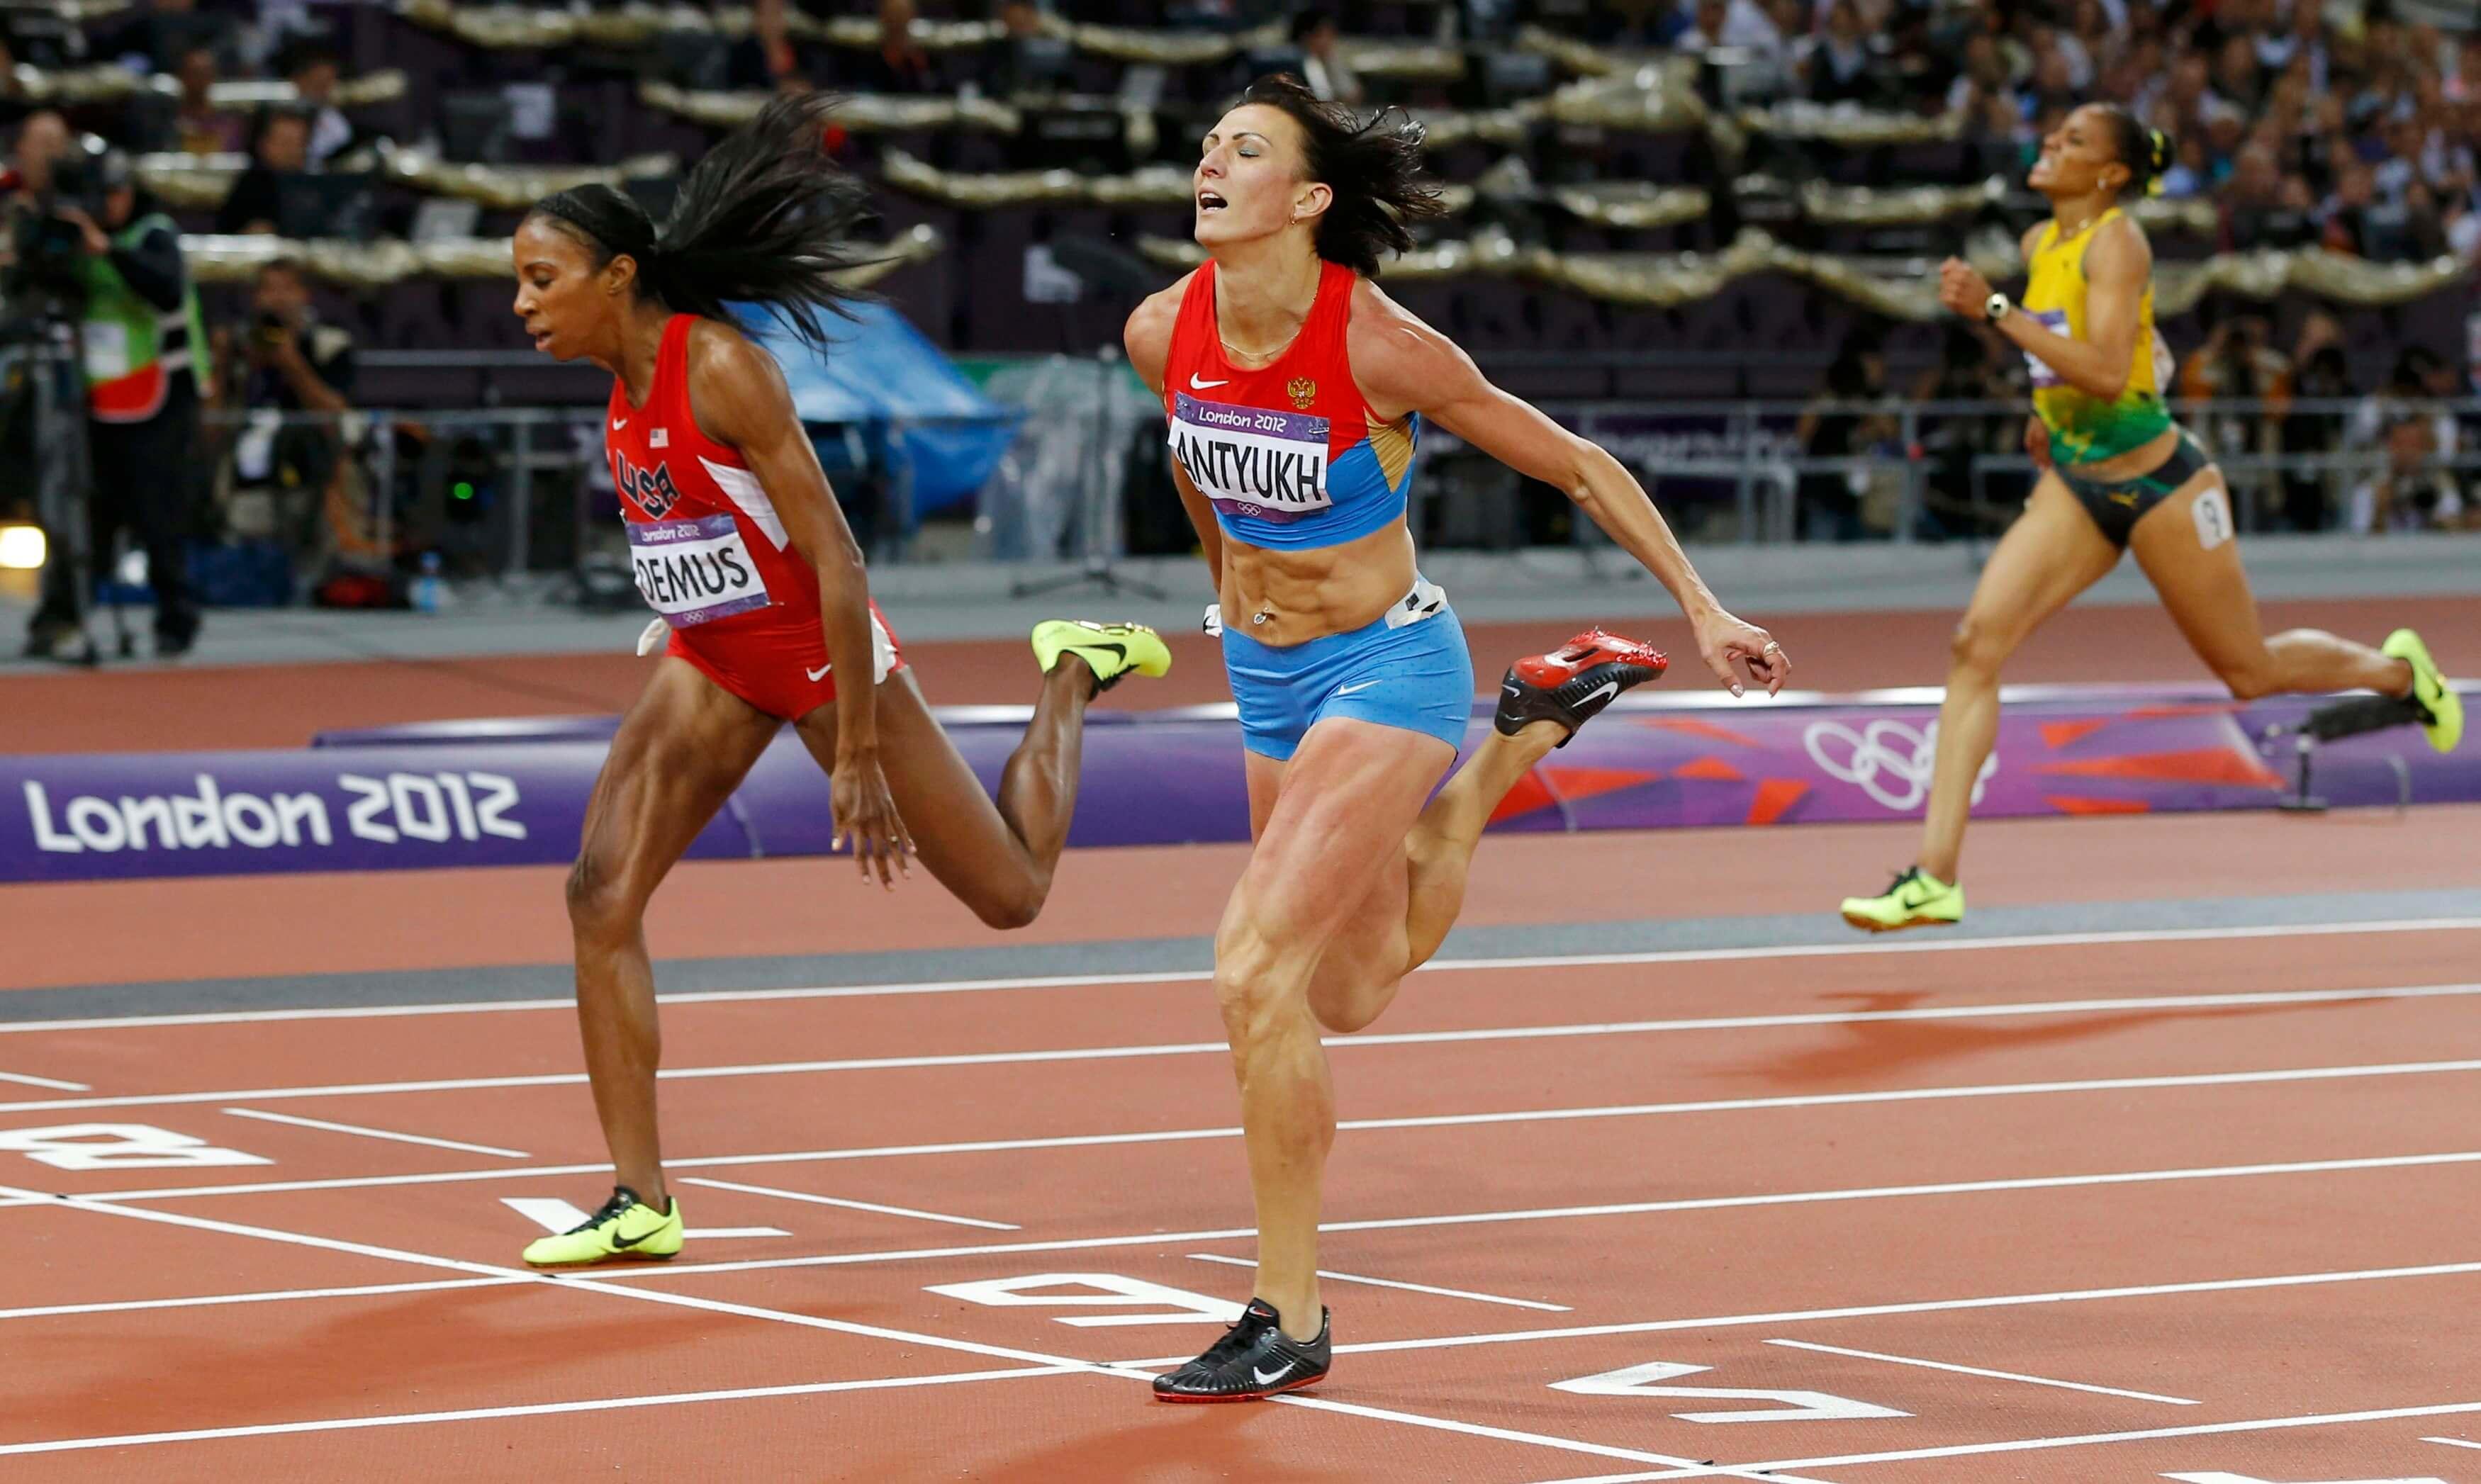 бег на дистанцию 400 метров